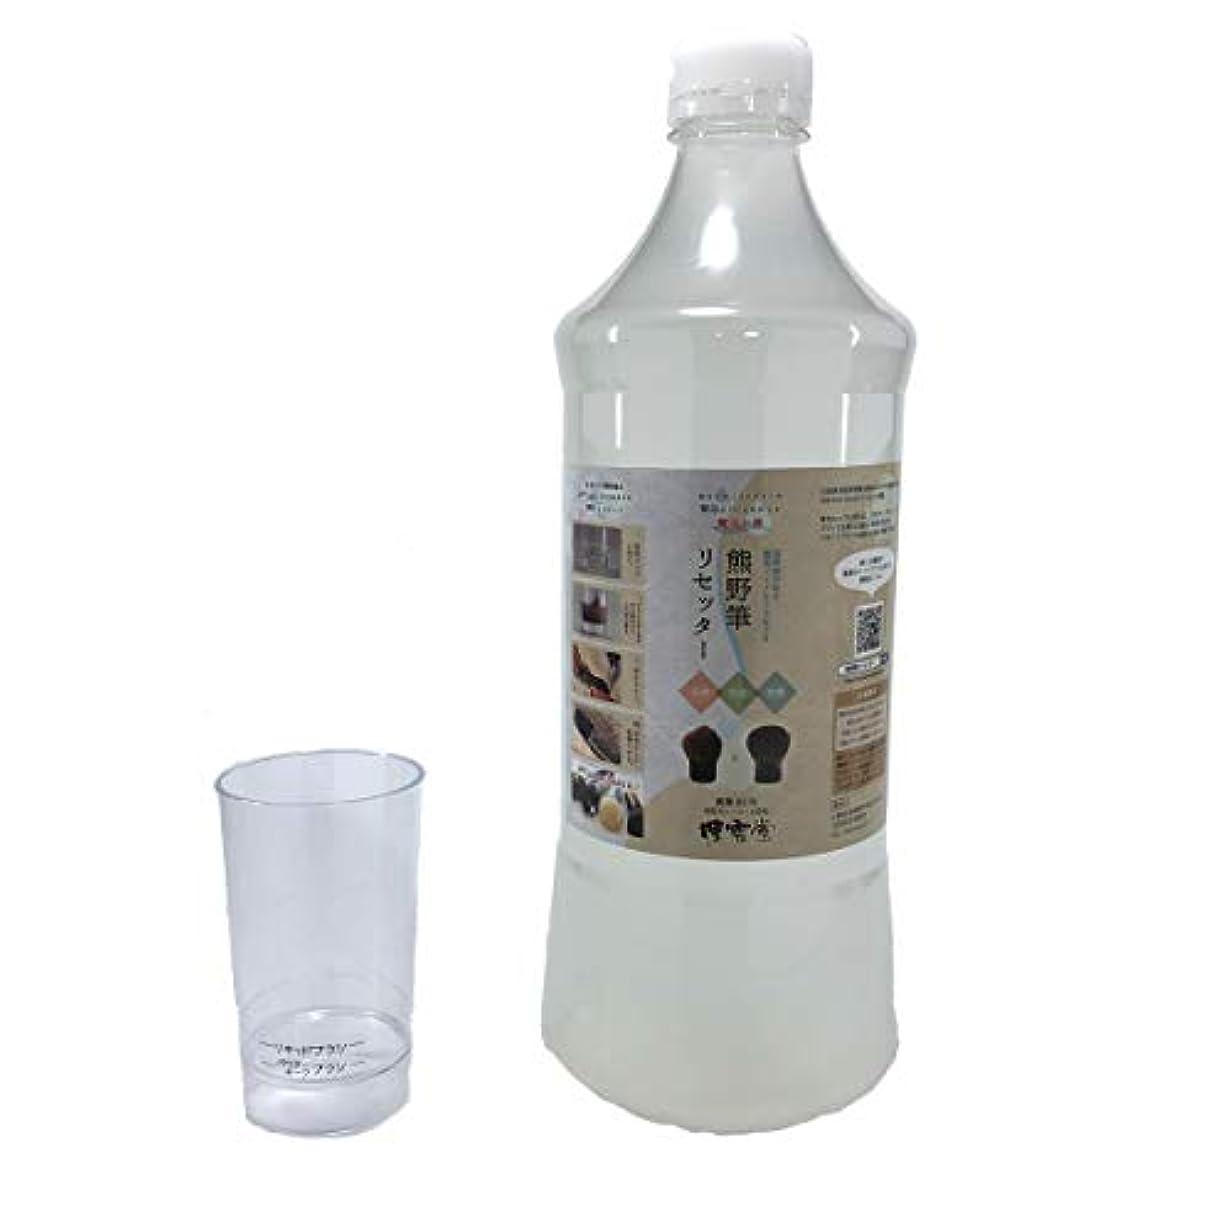 過敏な原油つぼみメイクブラシ?リセッター「熊野筆リセッター(洗浄カップ付き)」特大ボトル